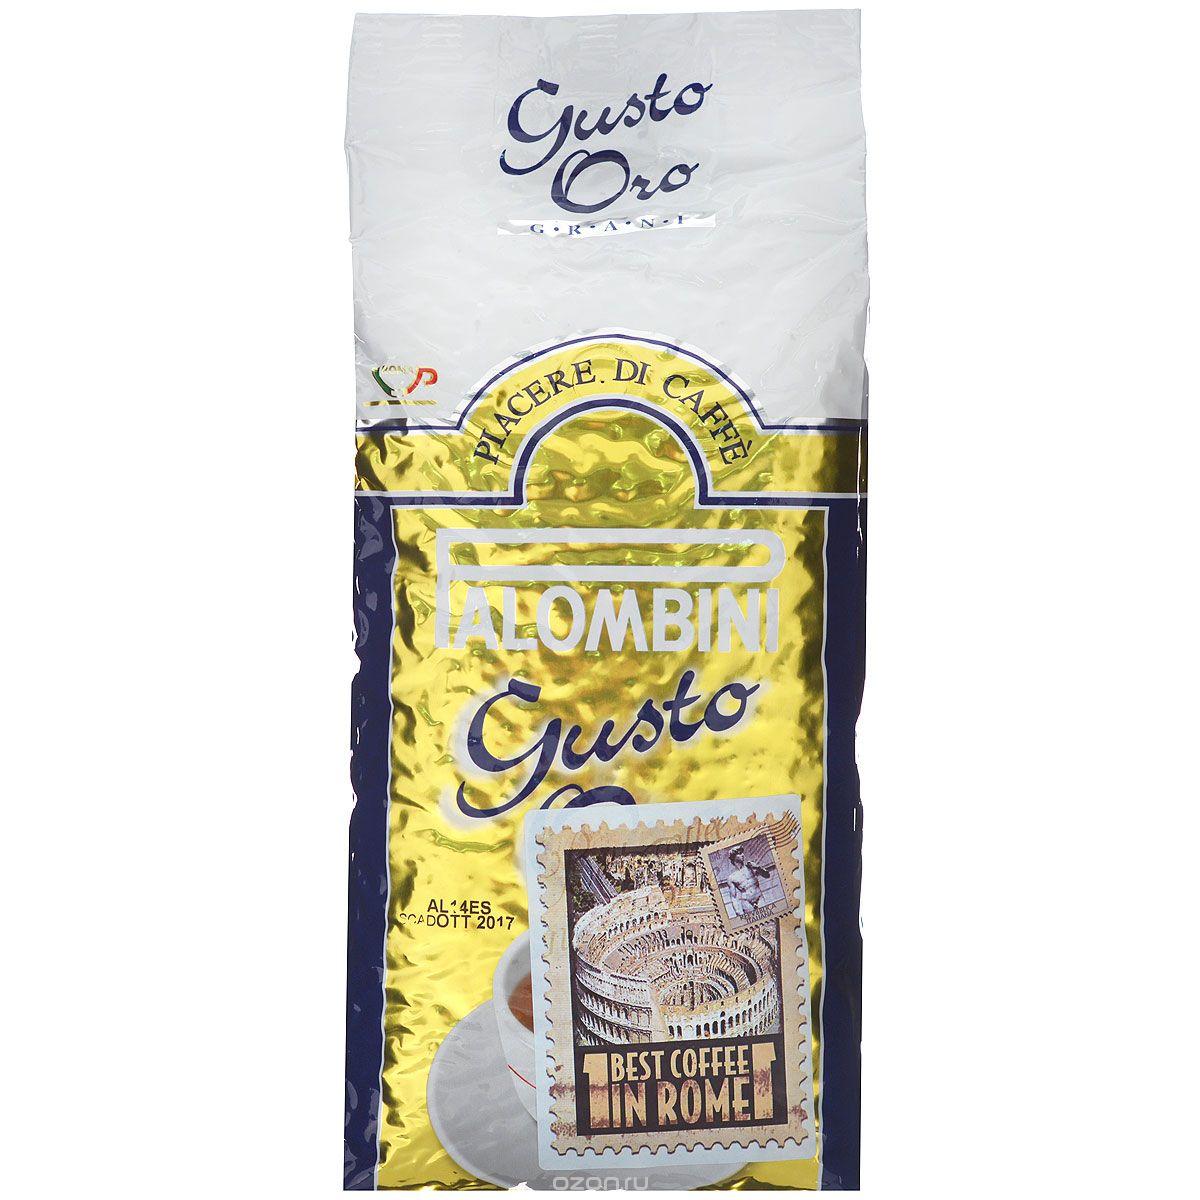 Palombini Gusto Oro кофе в зернах, 1 кг8009785302684Натуральный жареный кофе в зернах Palombini Gusto Oro, высший сорт. Неповторимый аромат лучшего итальянского эспрессо принесет Вам отличное насторение! Рекомендуется для приготовления: эспрессо, капучино, лунго. Смесь содержит 95% арабики и 5% робусты.